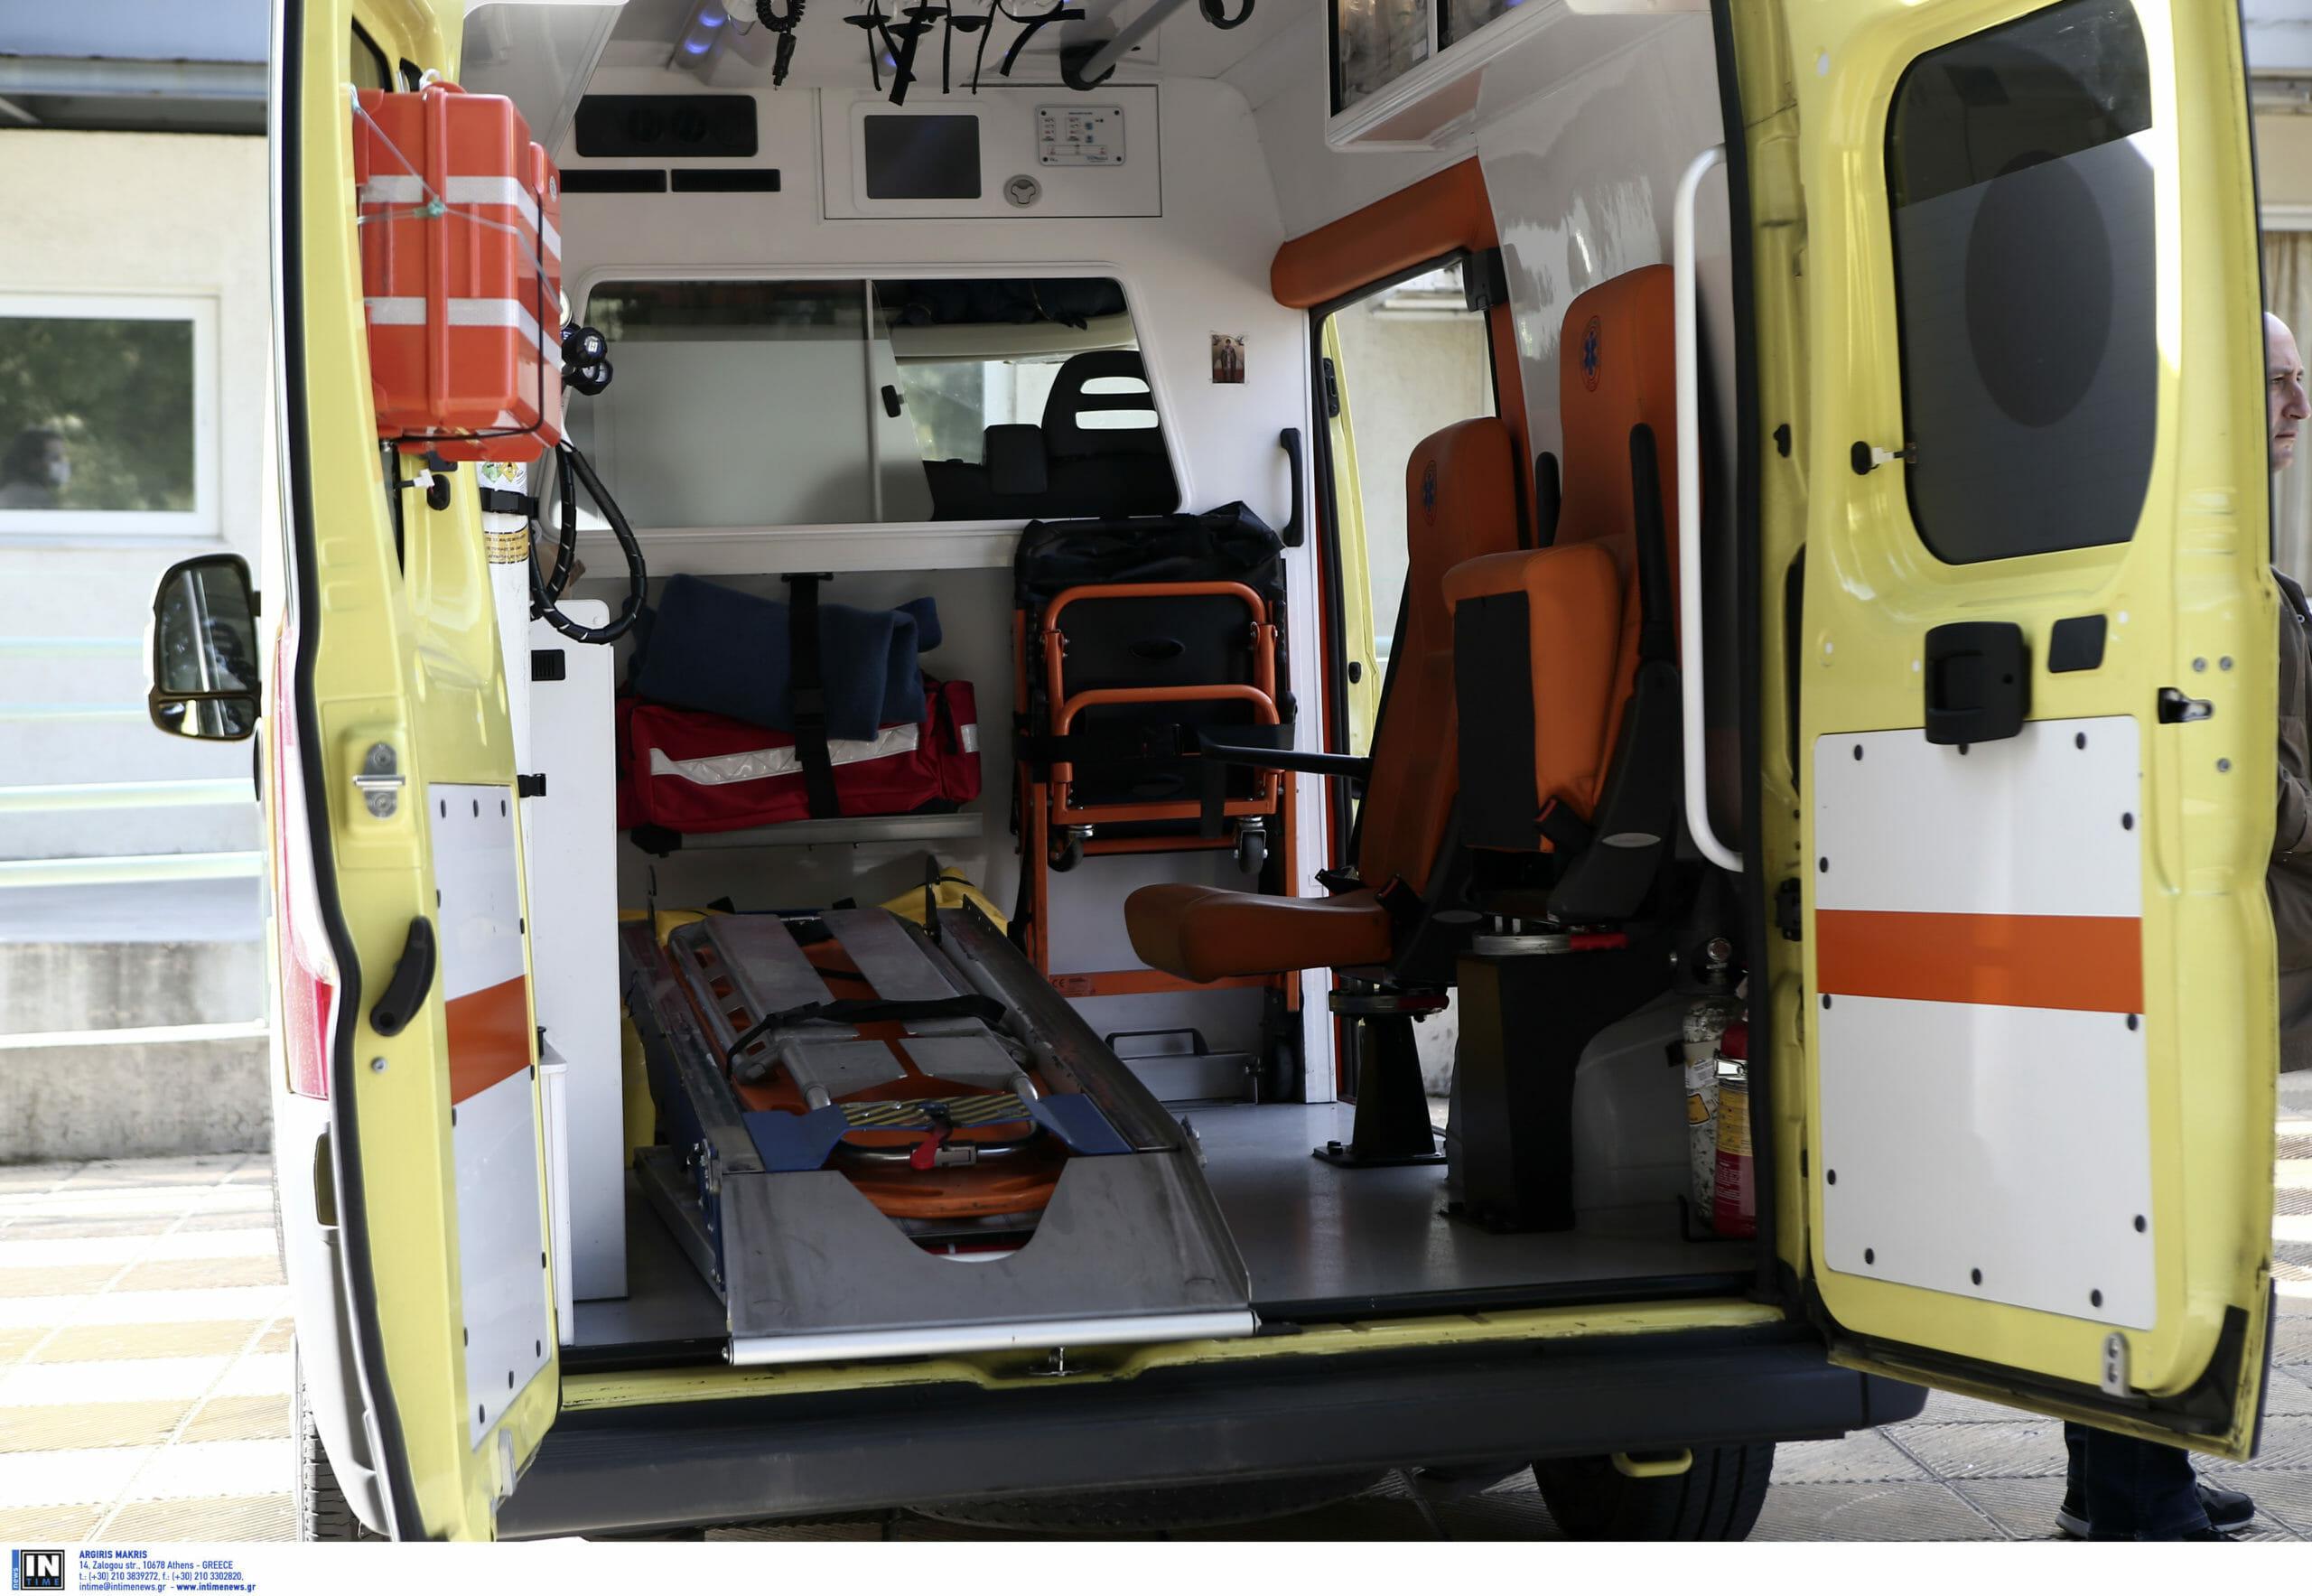 Κρήτη: Βρέθηκε νεκρός ο αγνοούμενος στη Μεσαρά! Τραγικό φινάλε στις έρευνες